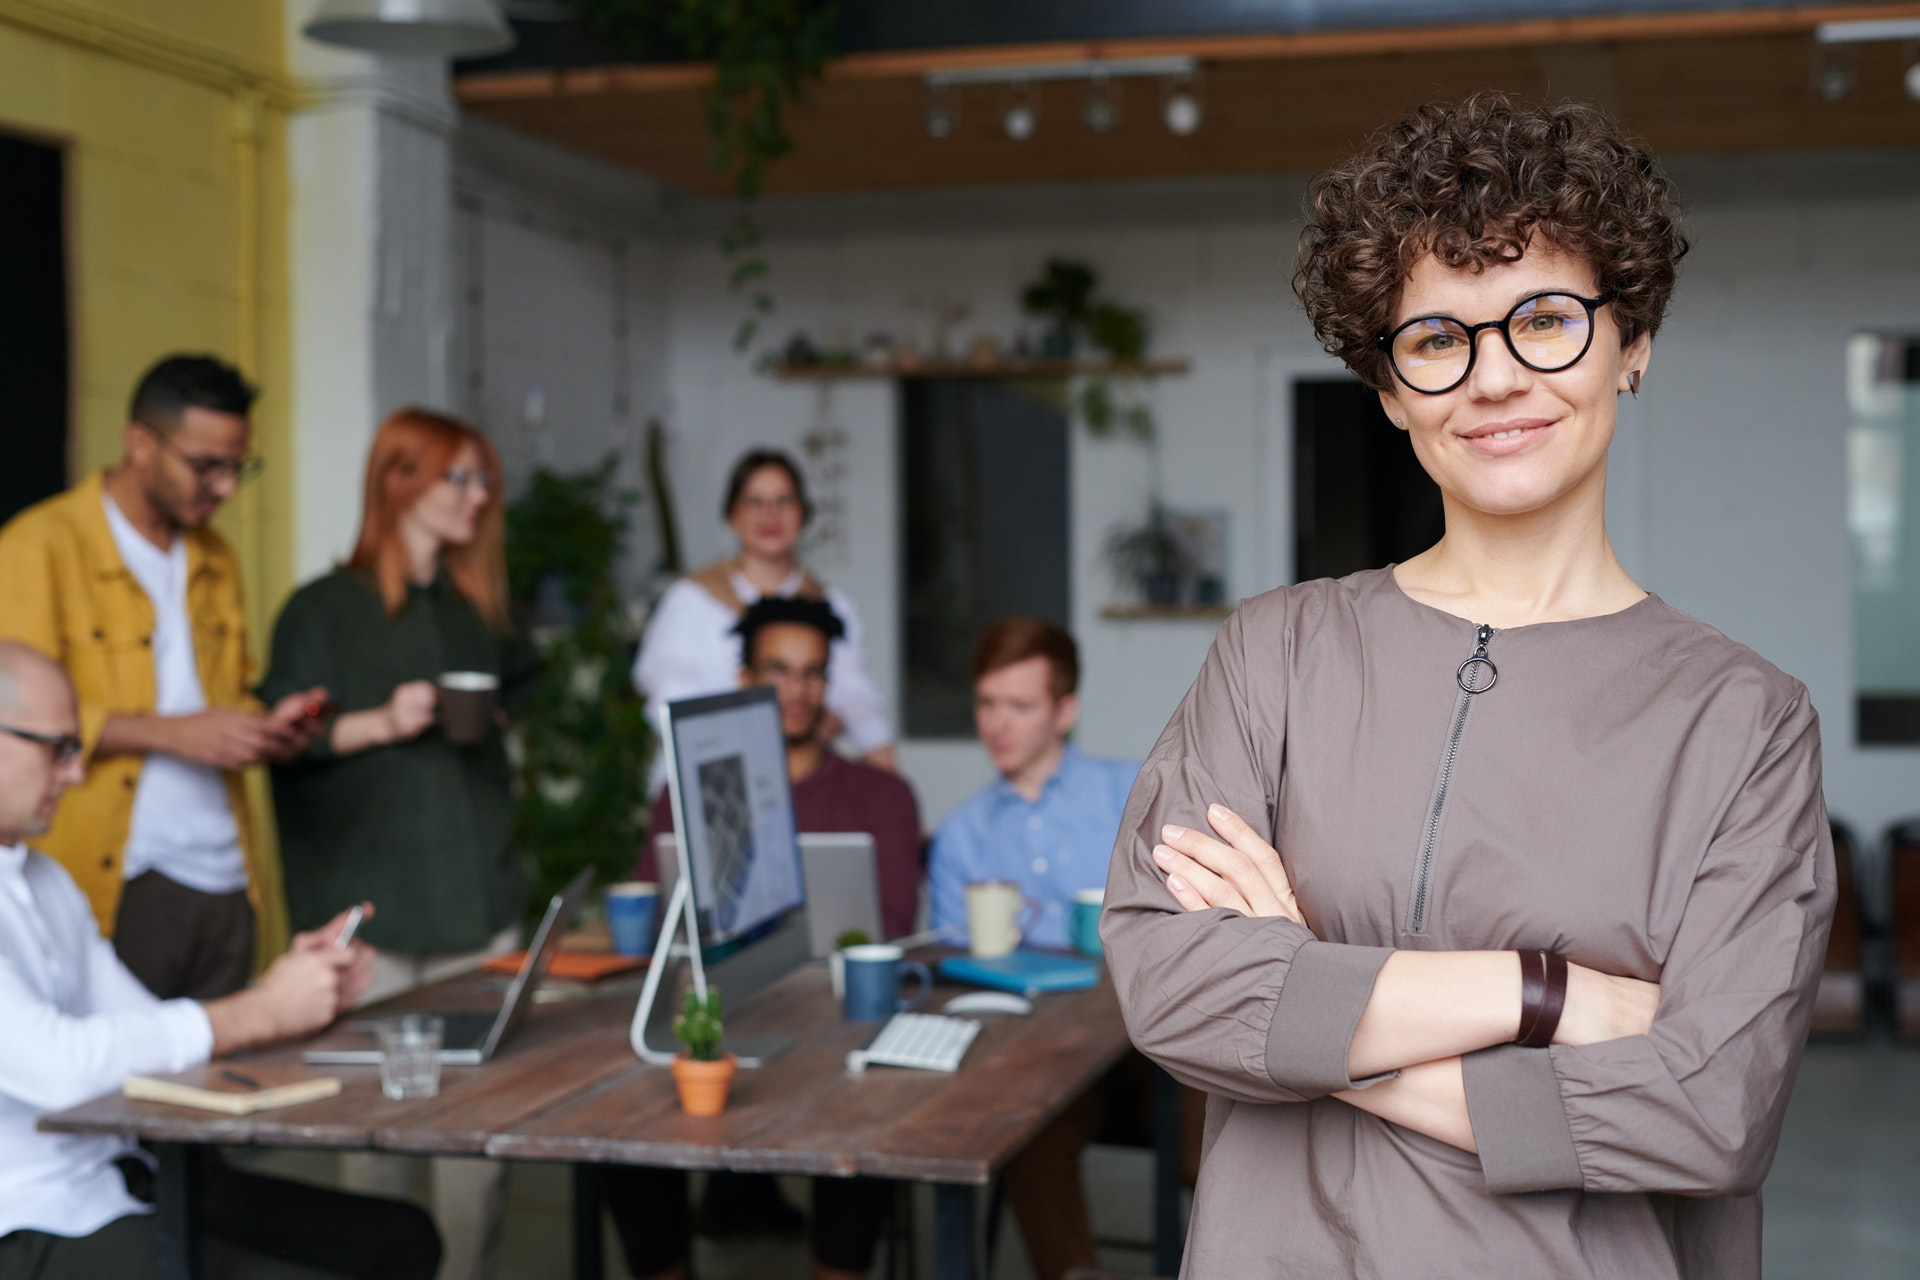 Imagem de uma mulher com um grupo de pessoas ao fundo em um pequeno negócio. Imagem ilustrativa texto como começar um pequeno negócio.